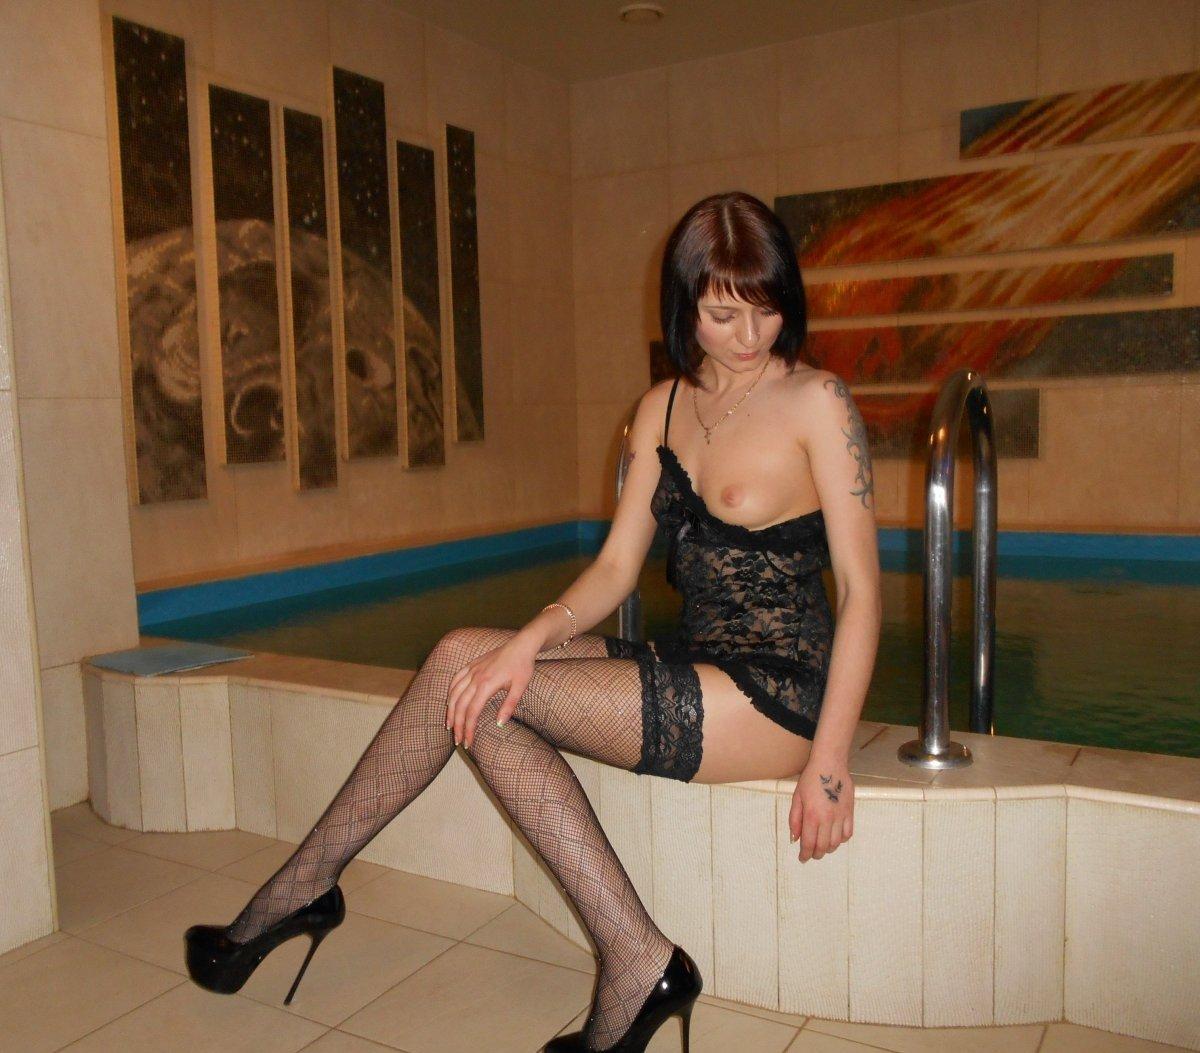 петрозаводск проститутки онлайн